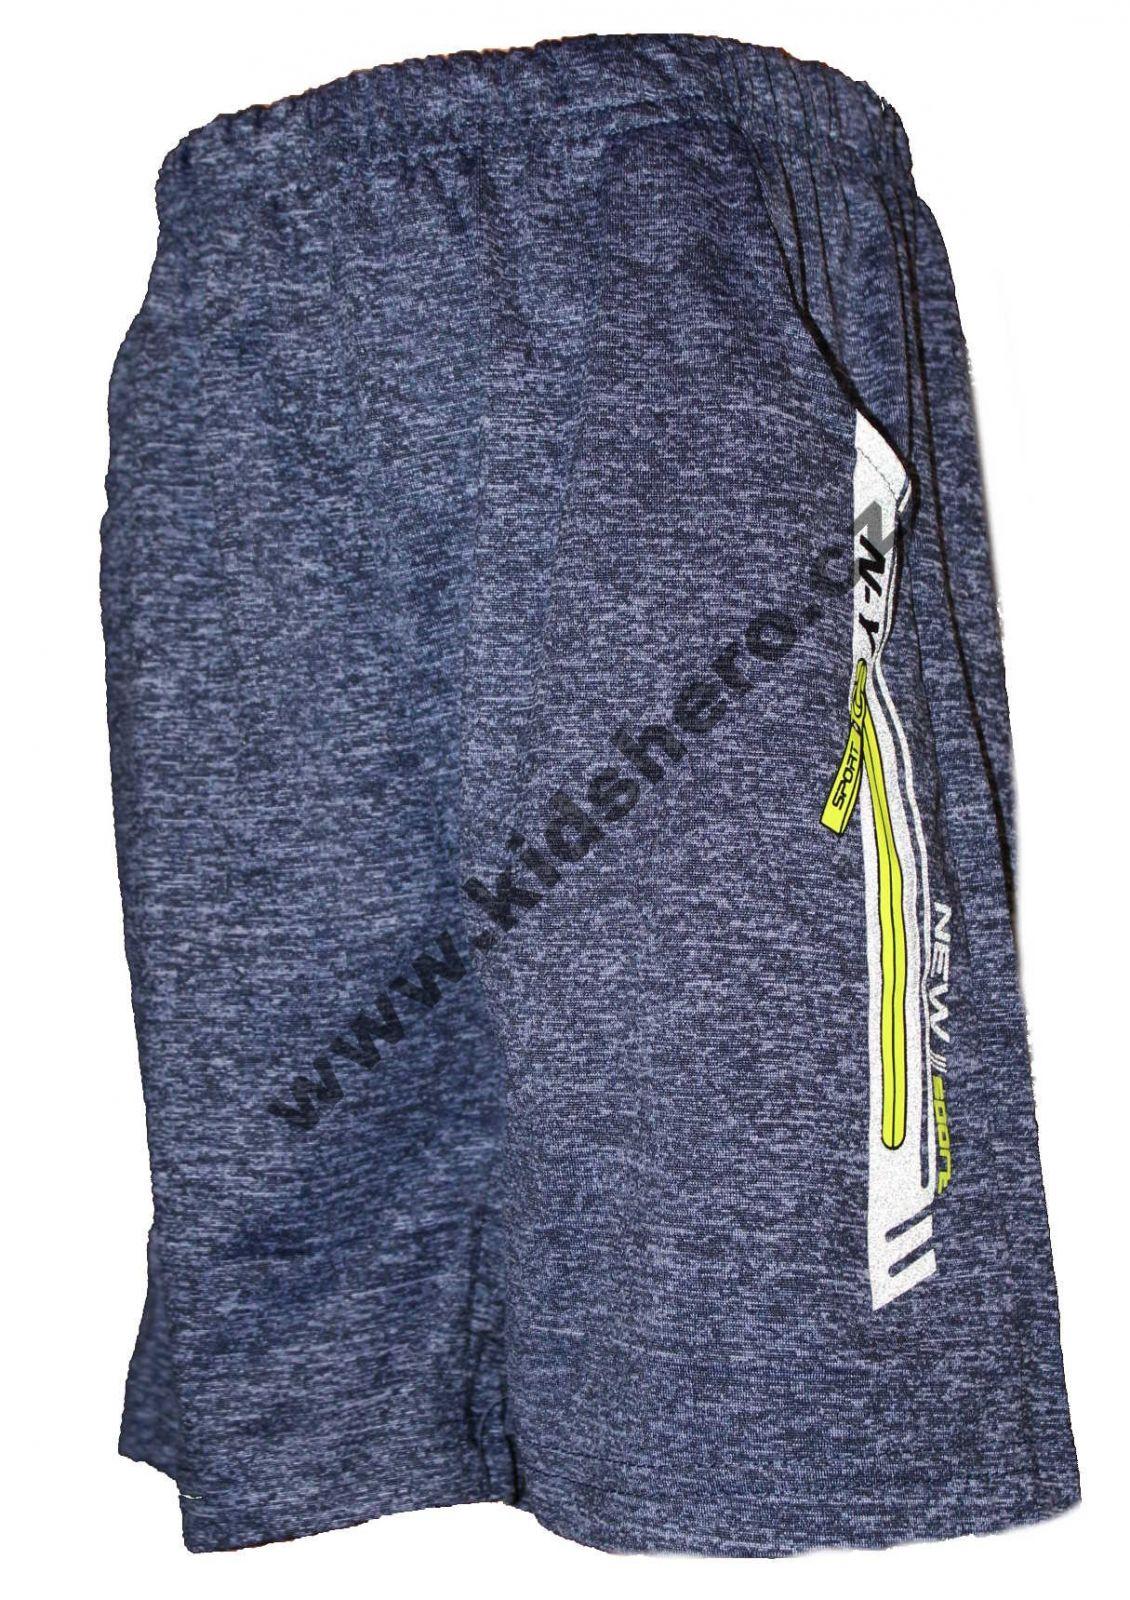 Dětské sportovní kraťasy chlapecké kraťasy dětské šortky KUGO aeef857c53